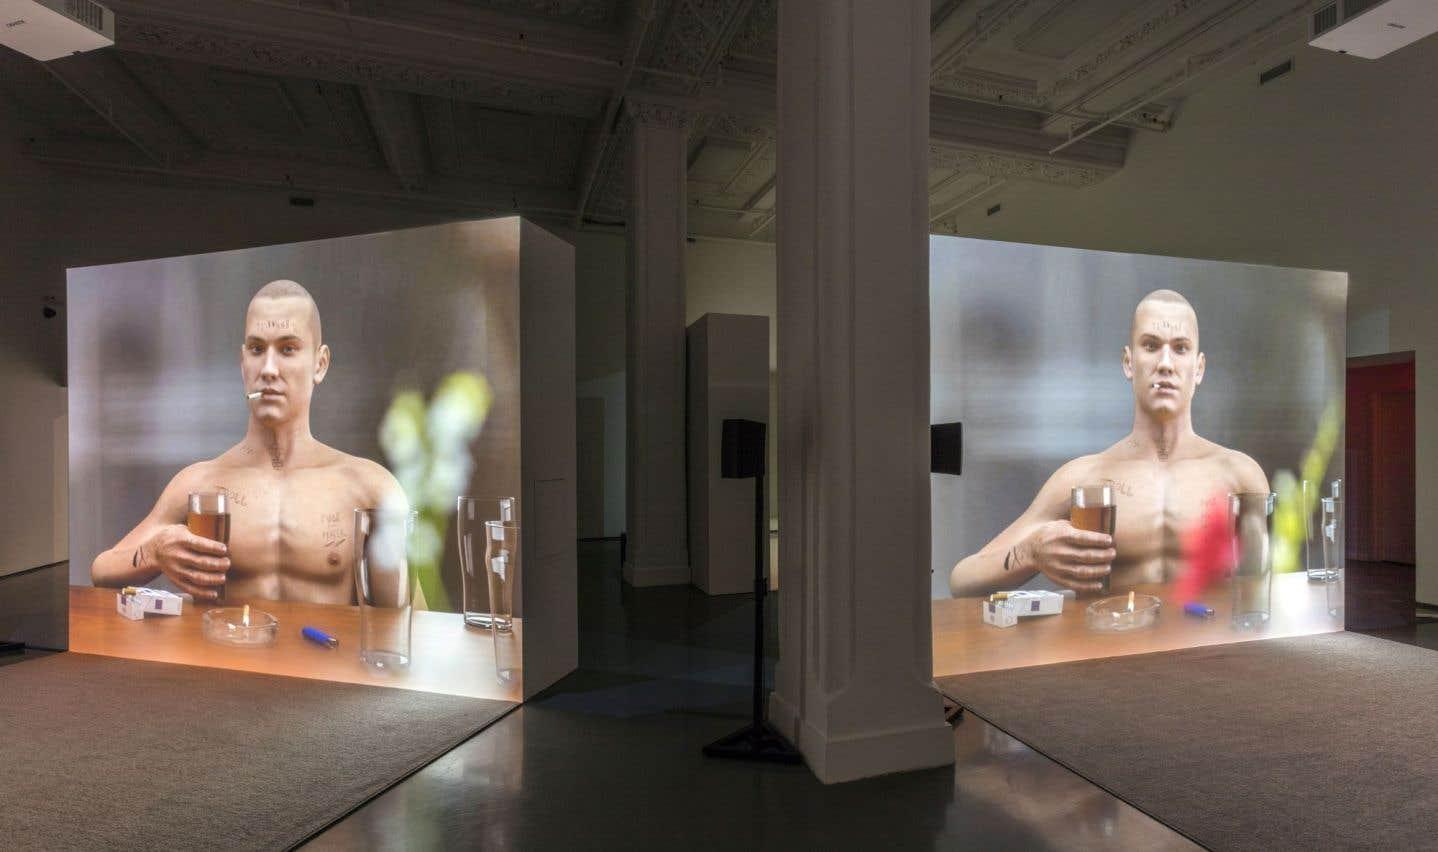 Vue sur l'œuvre «Ribbons» d'Ed Atkins, 2014, telle qu'exposée à la DHC/ART ces jours-ci